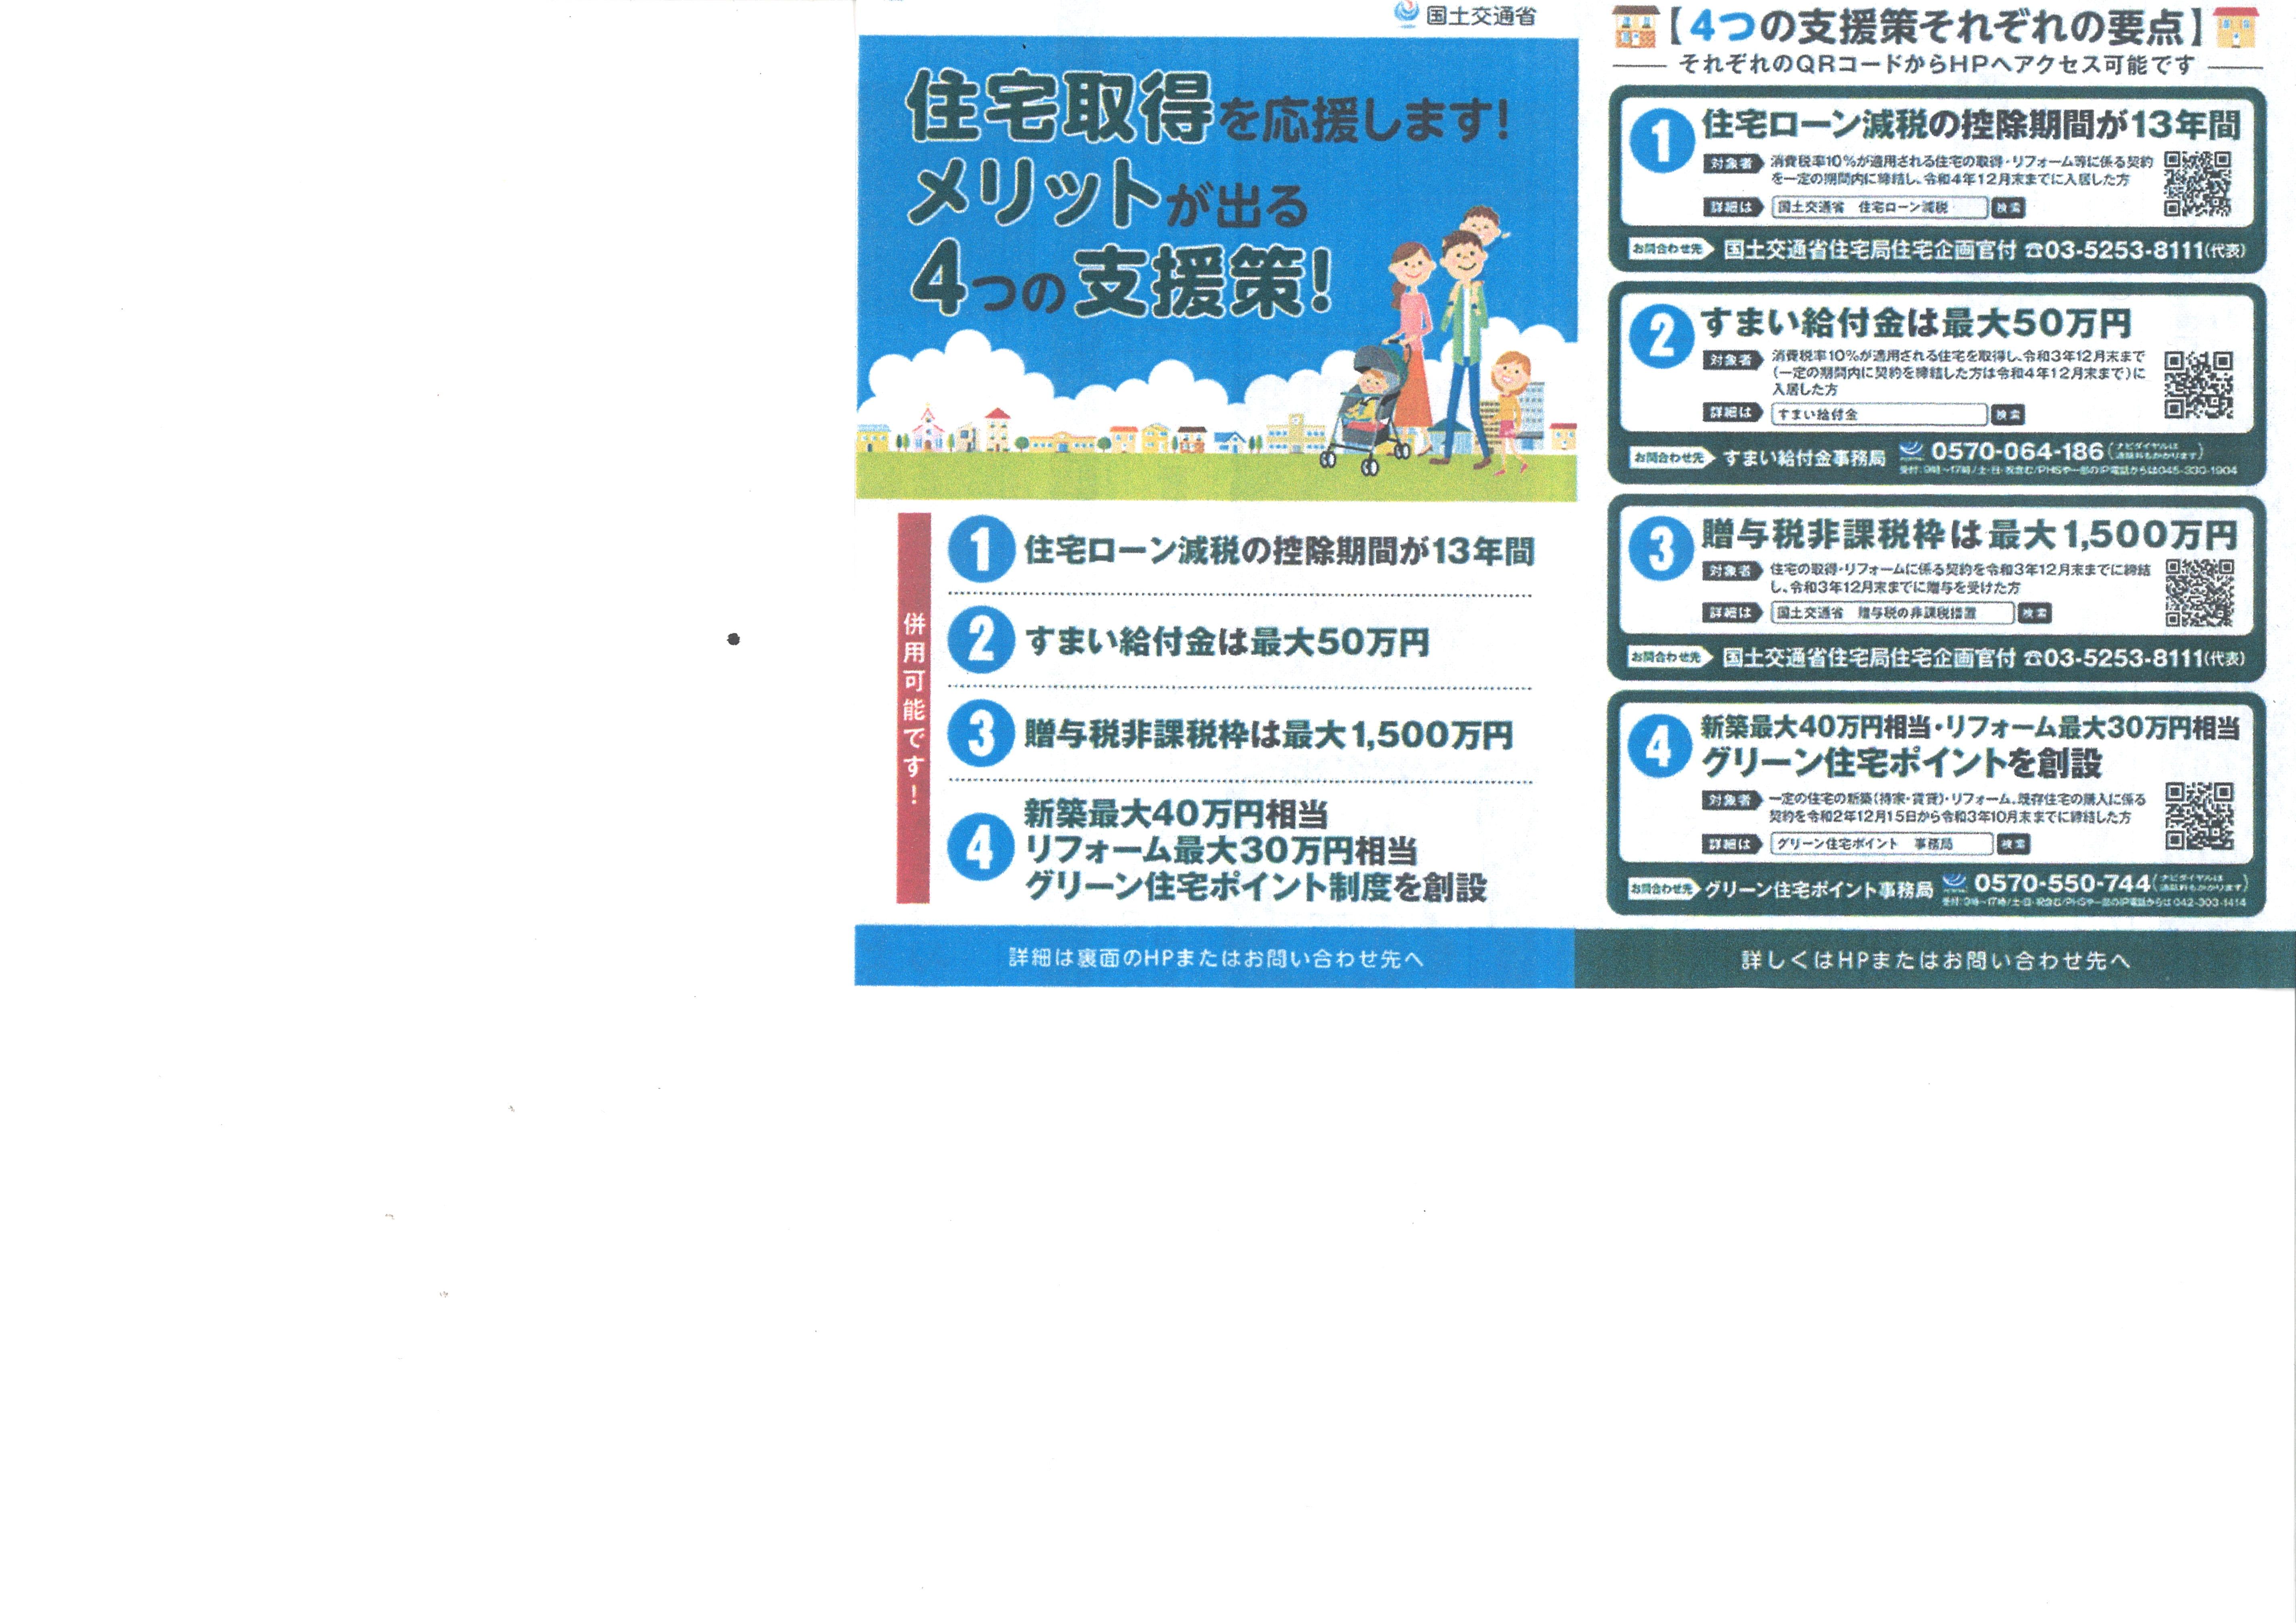 住宅取得『4つのメリット』.jpg